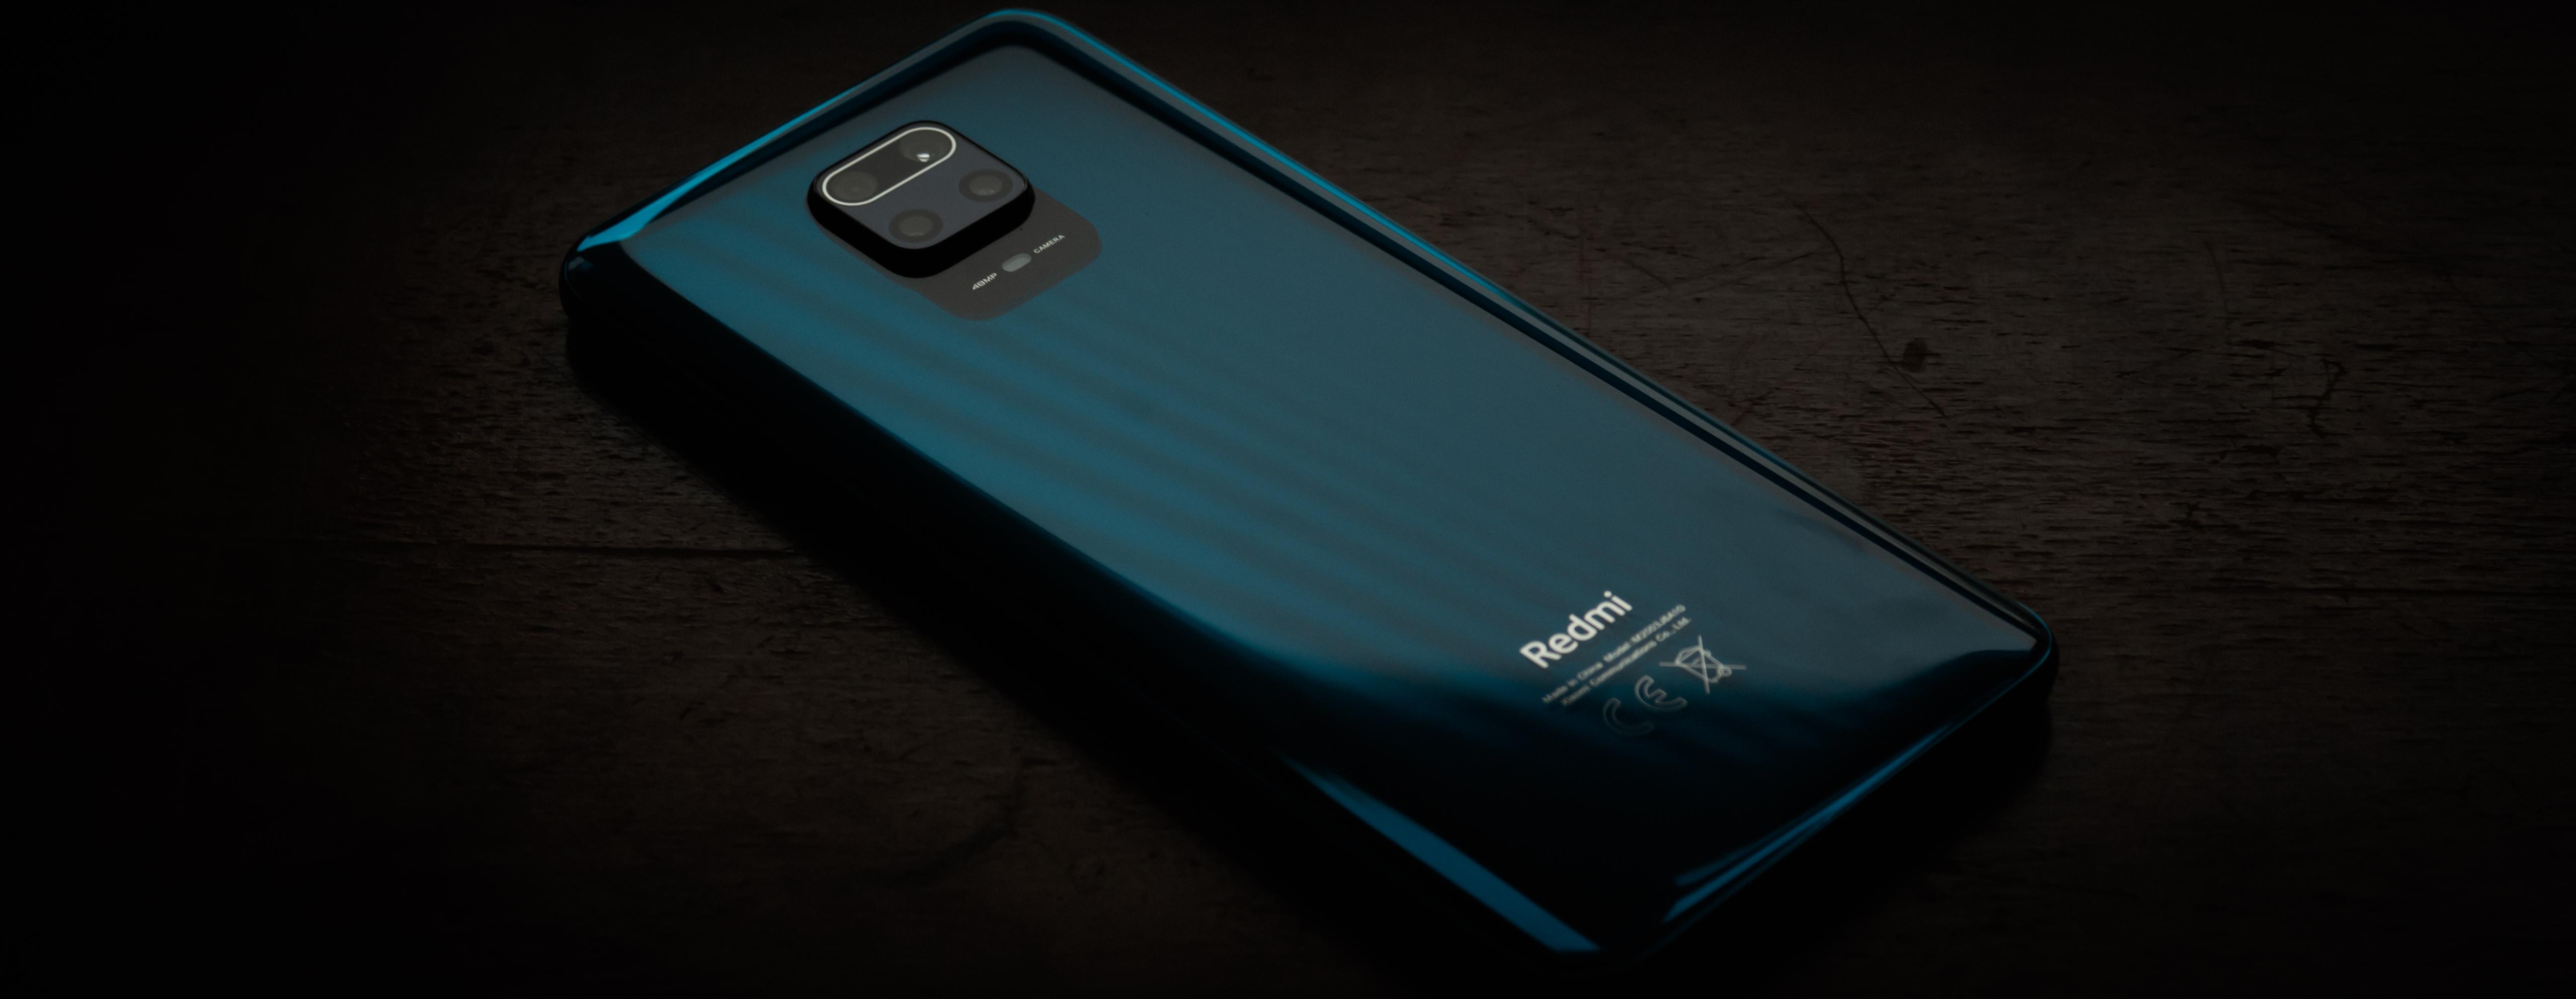 Recenzja Xiaomi Redmi Note 9s. Tanio i dobrze? 25